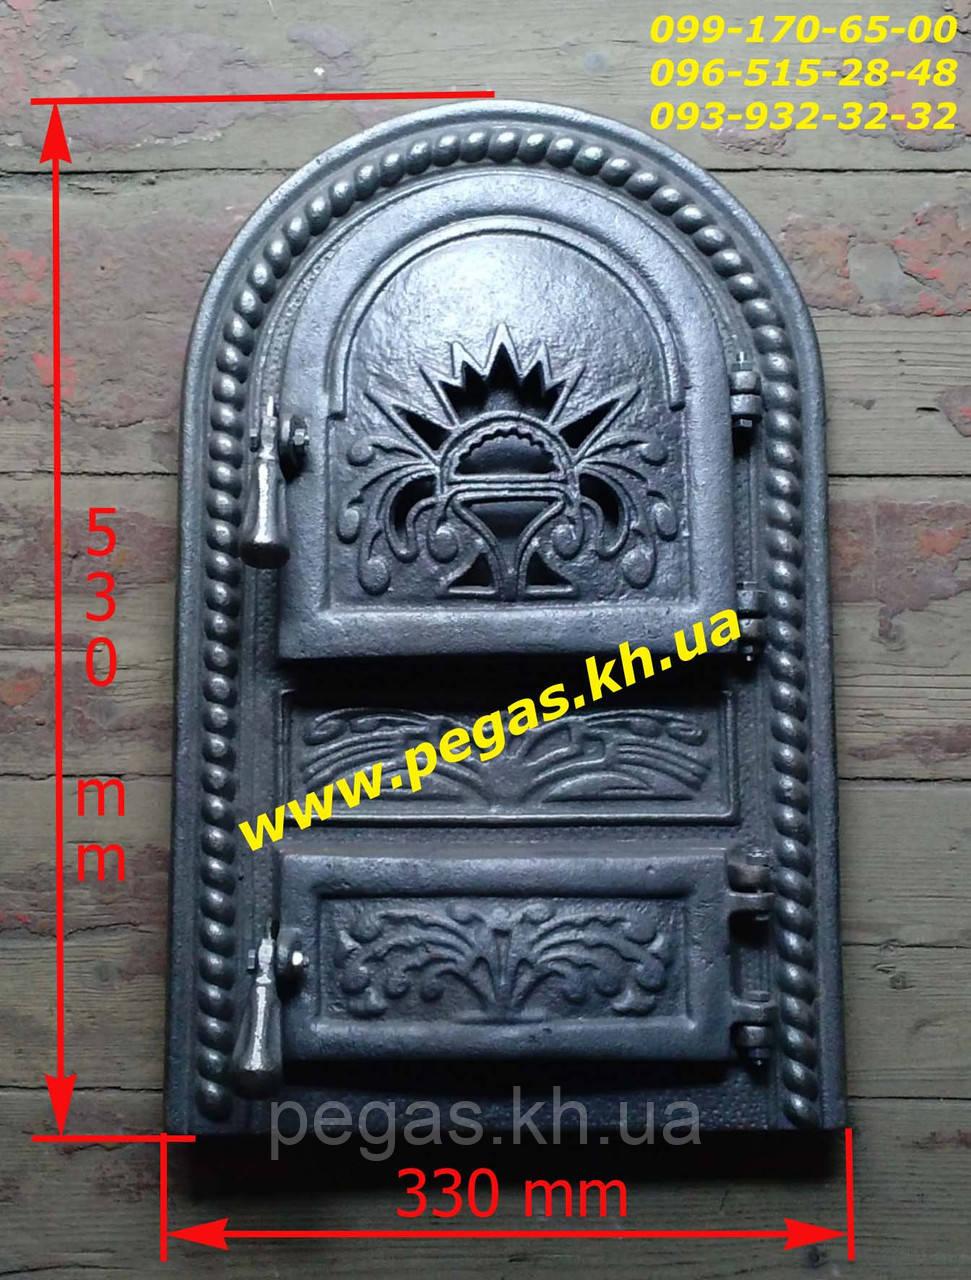 Дверка чугунная (Румынская №2) 330х530 мм, грубу, печи, барбекю, мангал